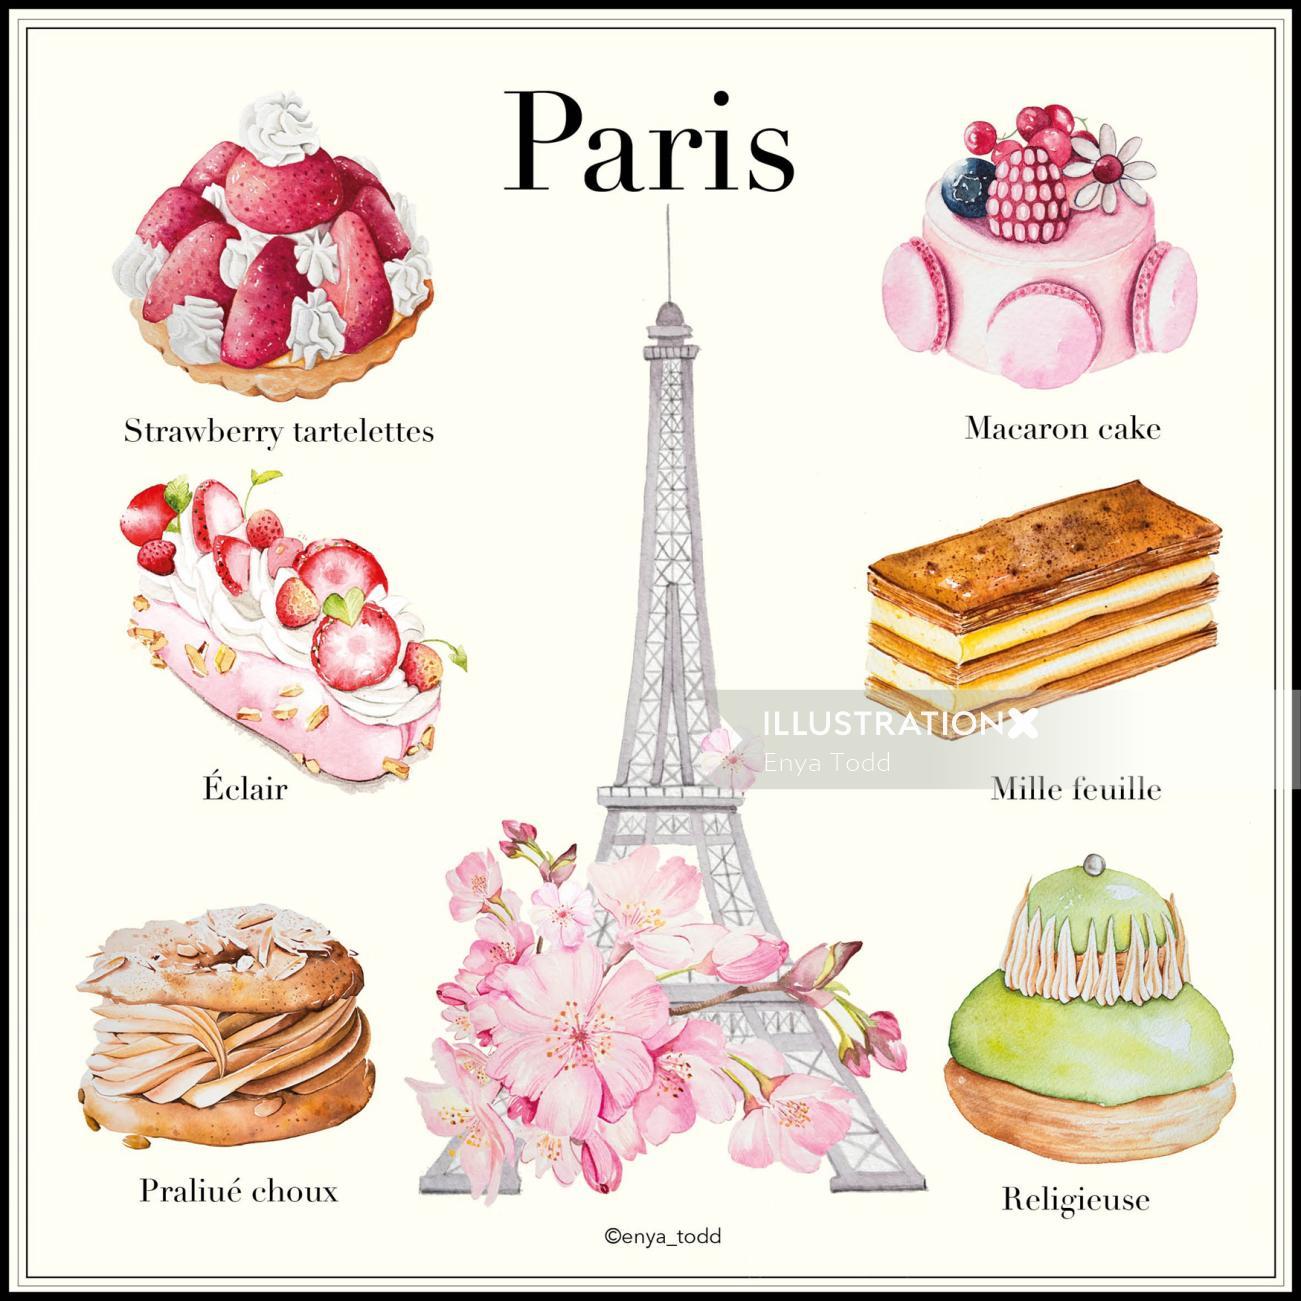 Contemporary art of Favorite desserts in Paris